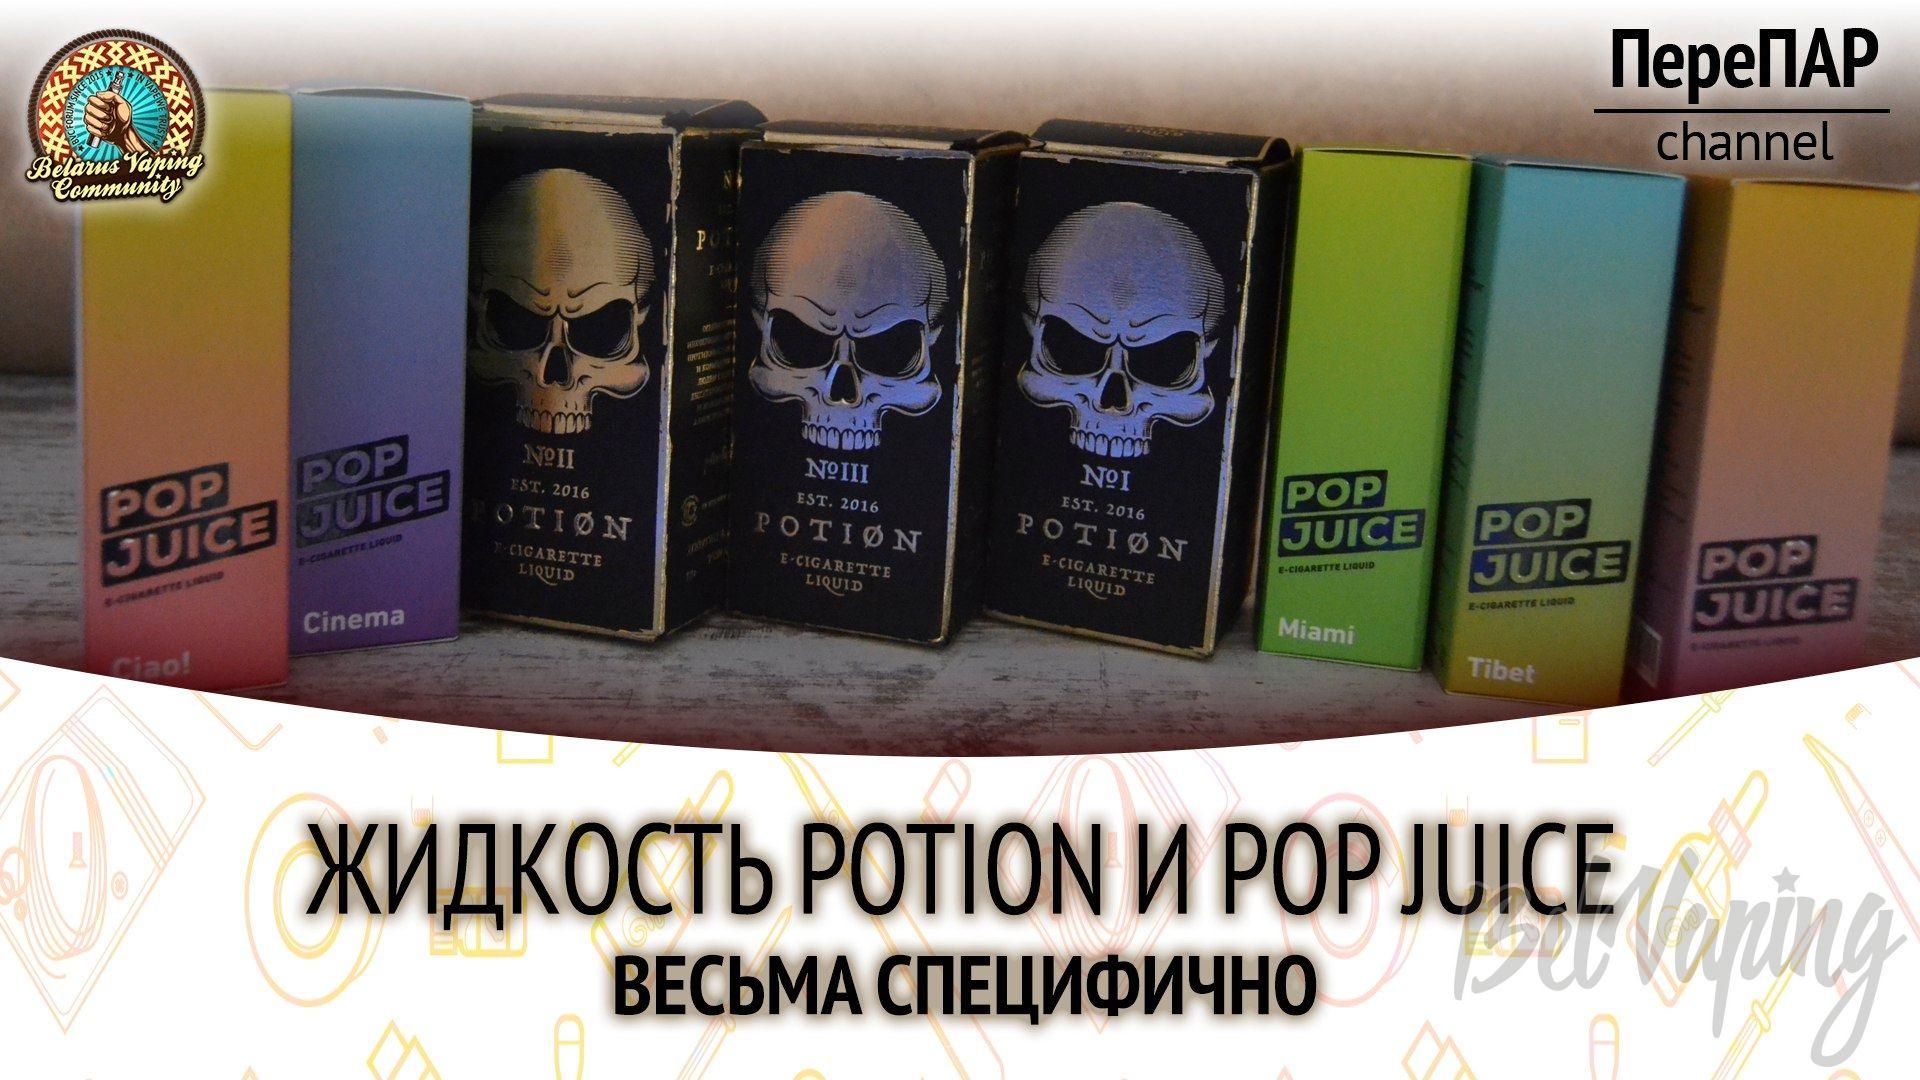 Обзор жидкостей для вейпинга Potion и Pop Juice